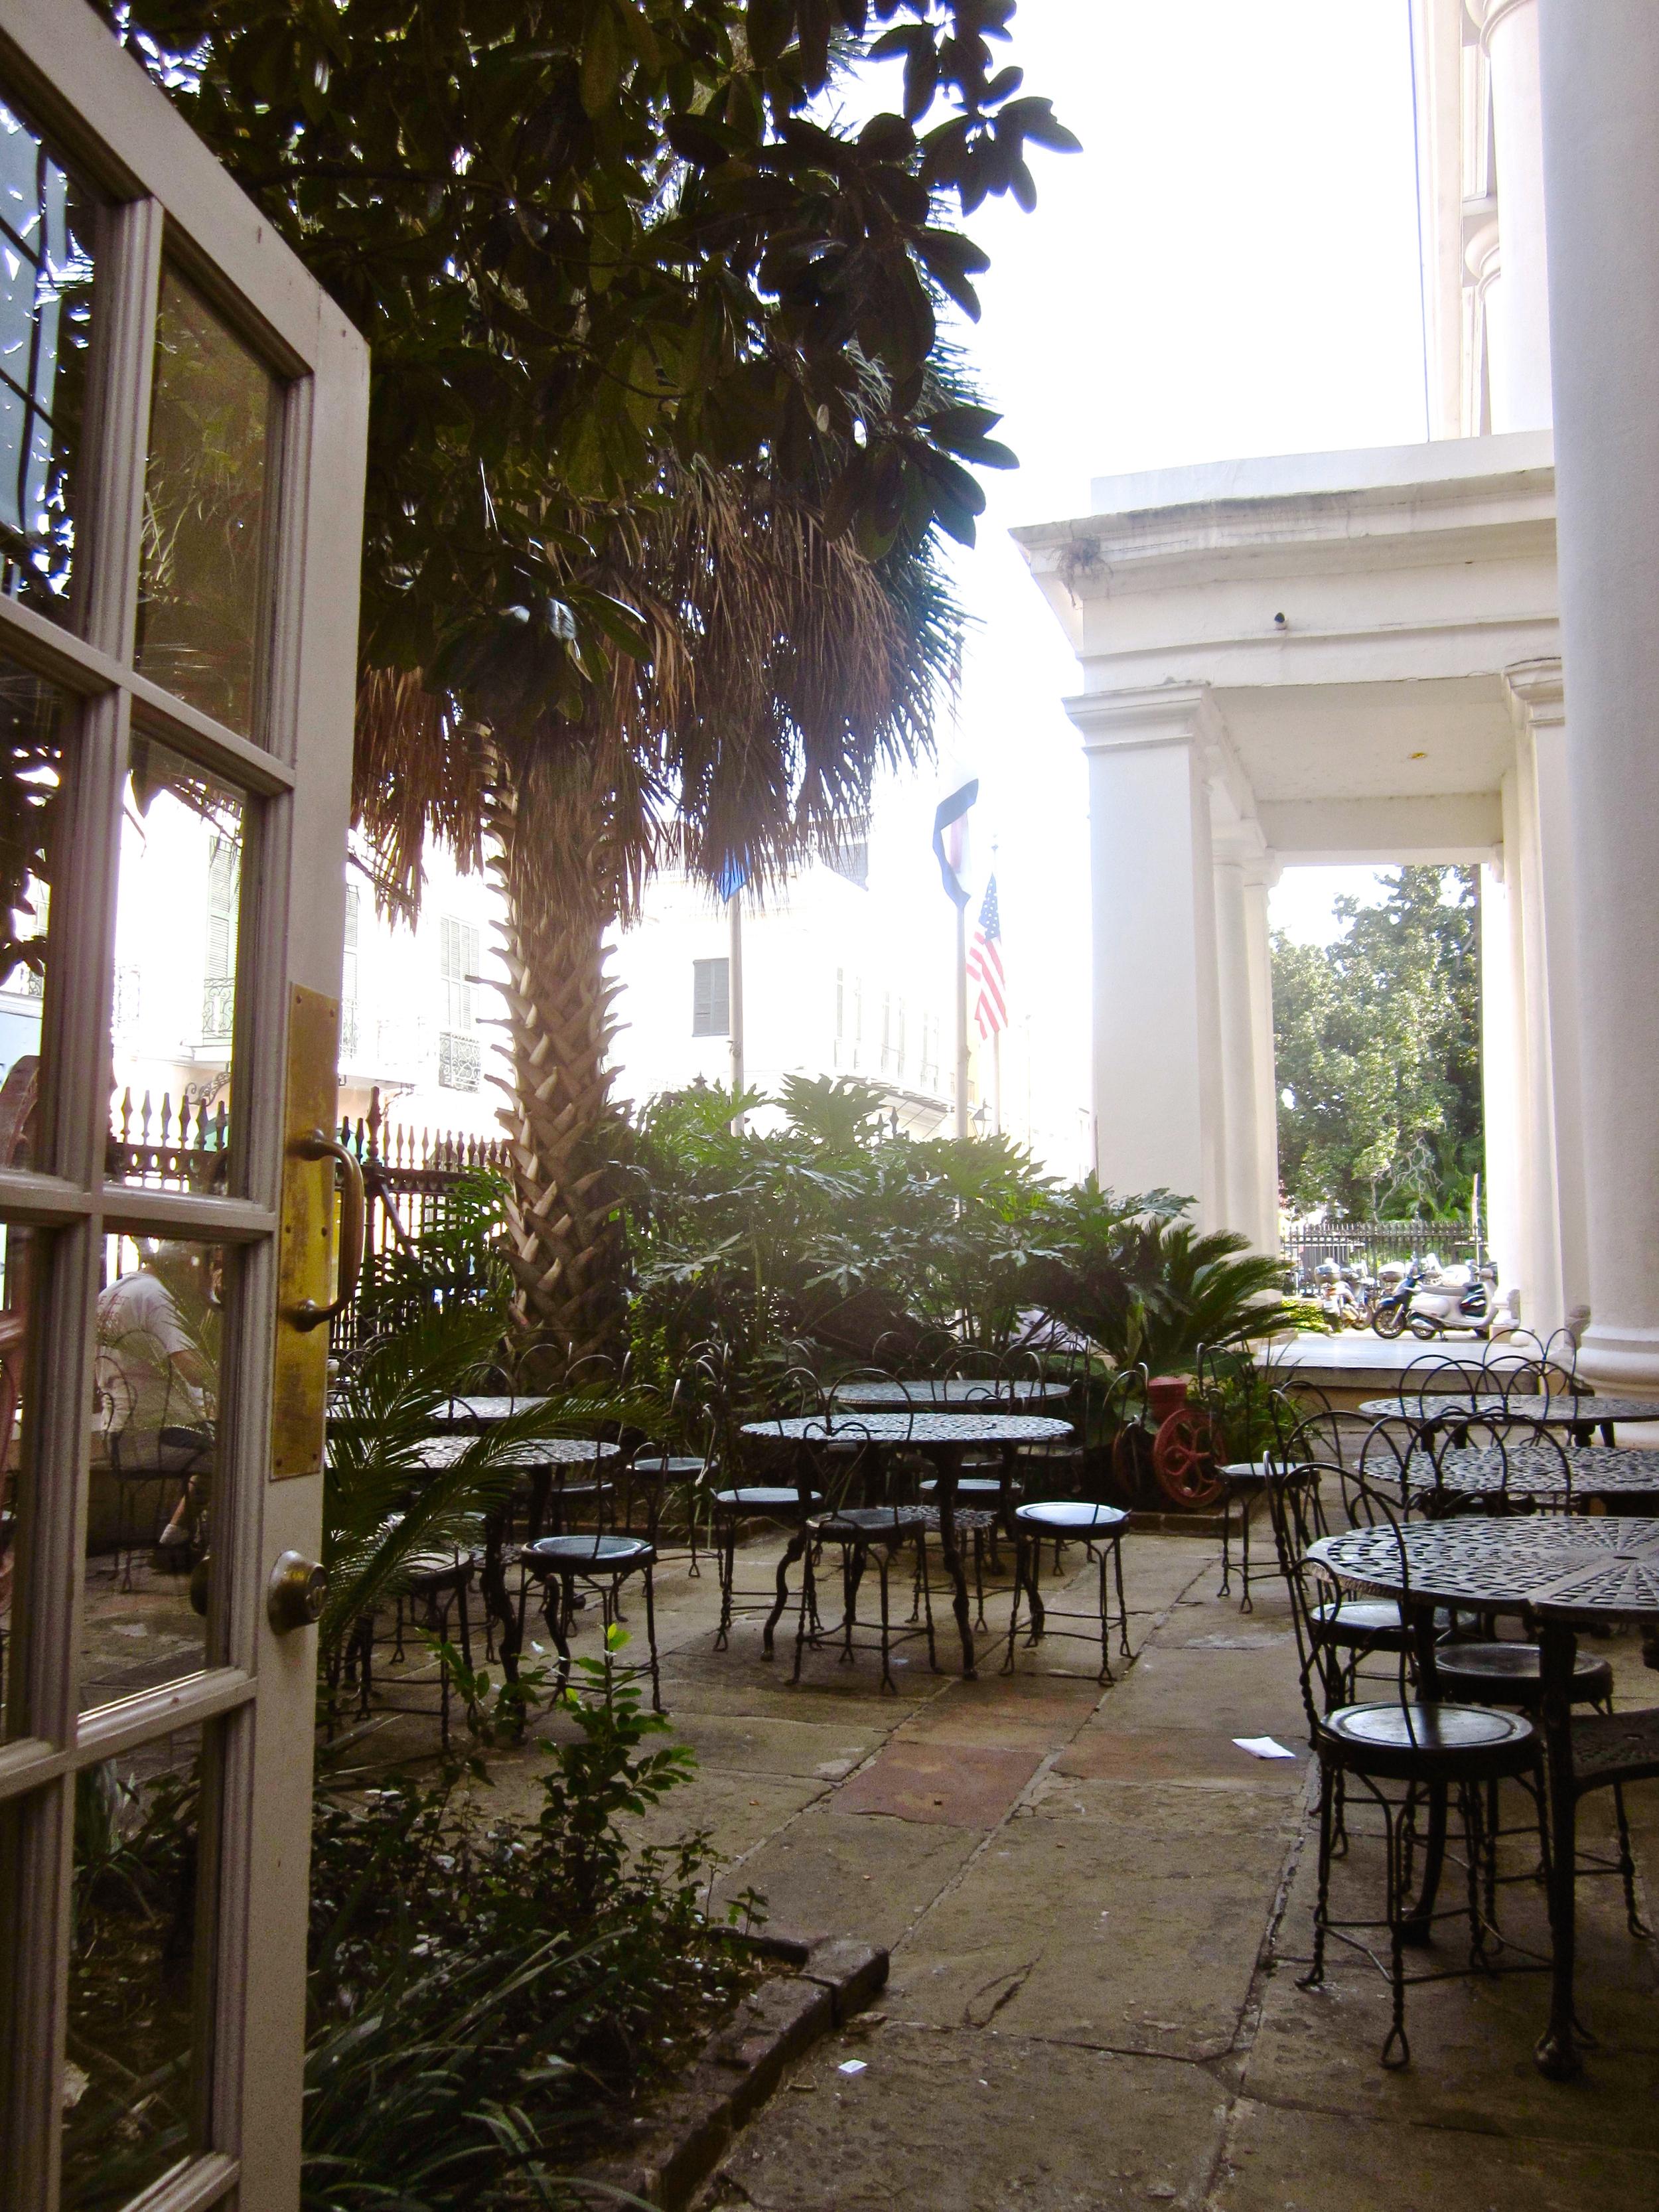 cafe beignet patio (sans cats)